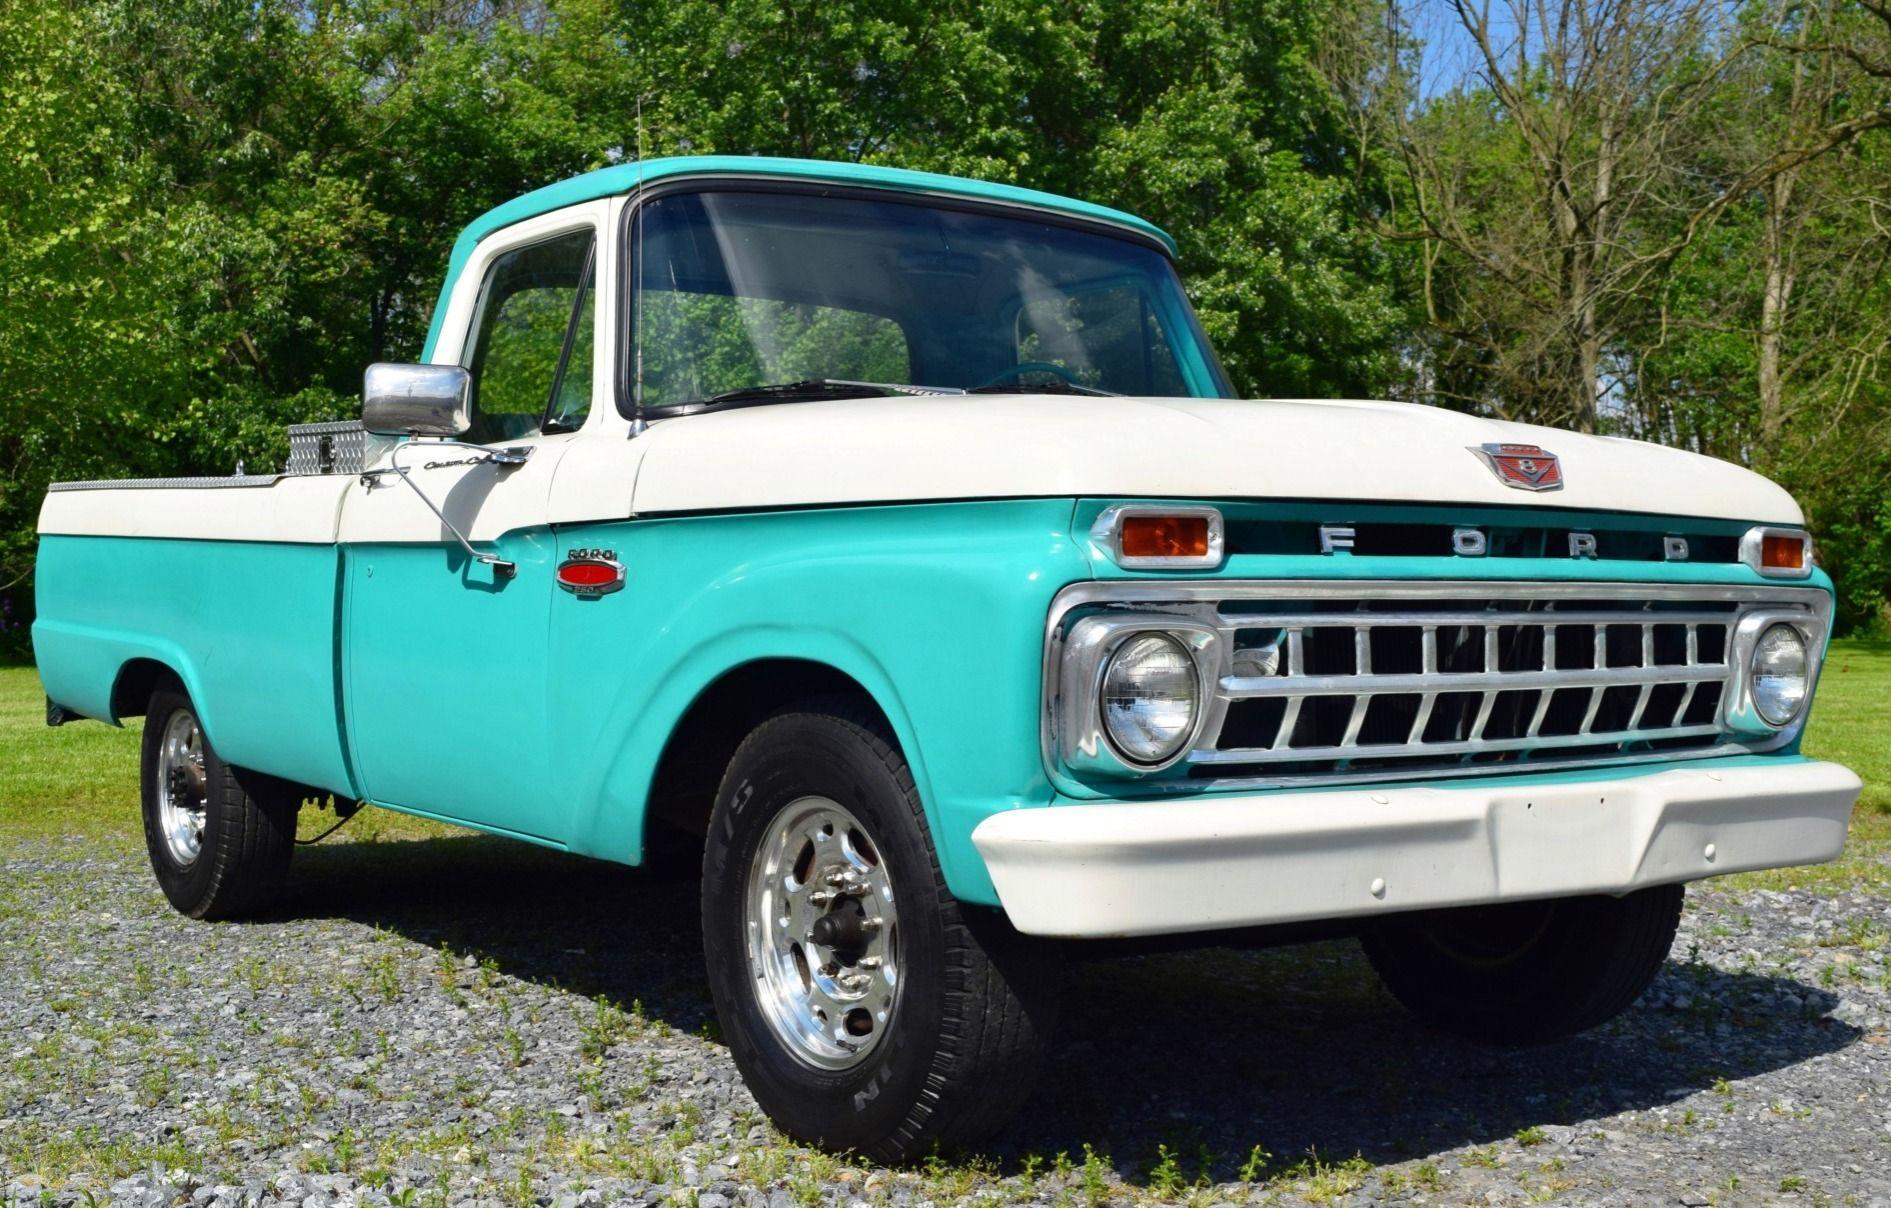 1965 Ford F250 4Speed Classic ford trucks, F250